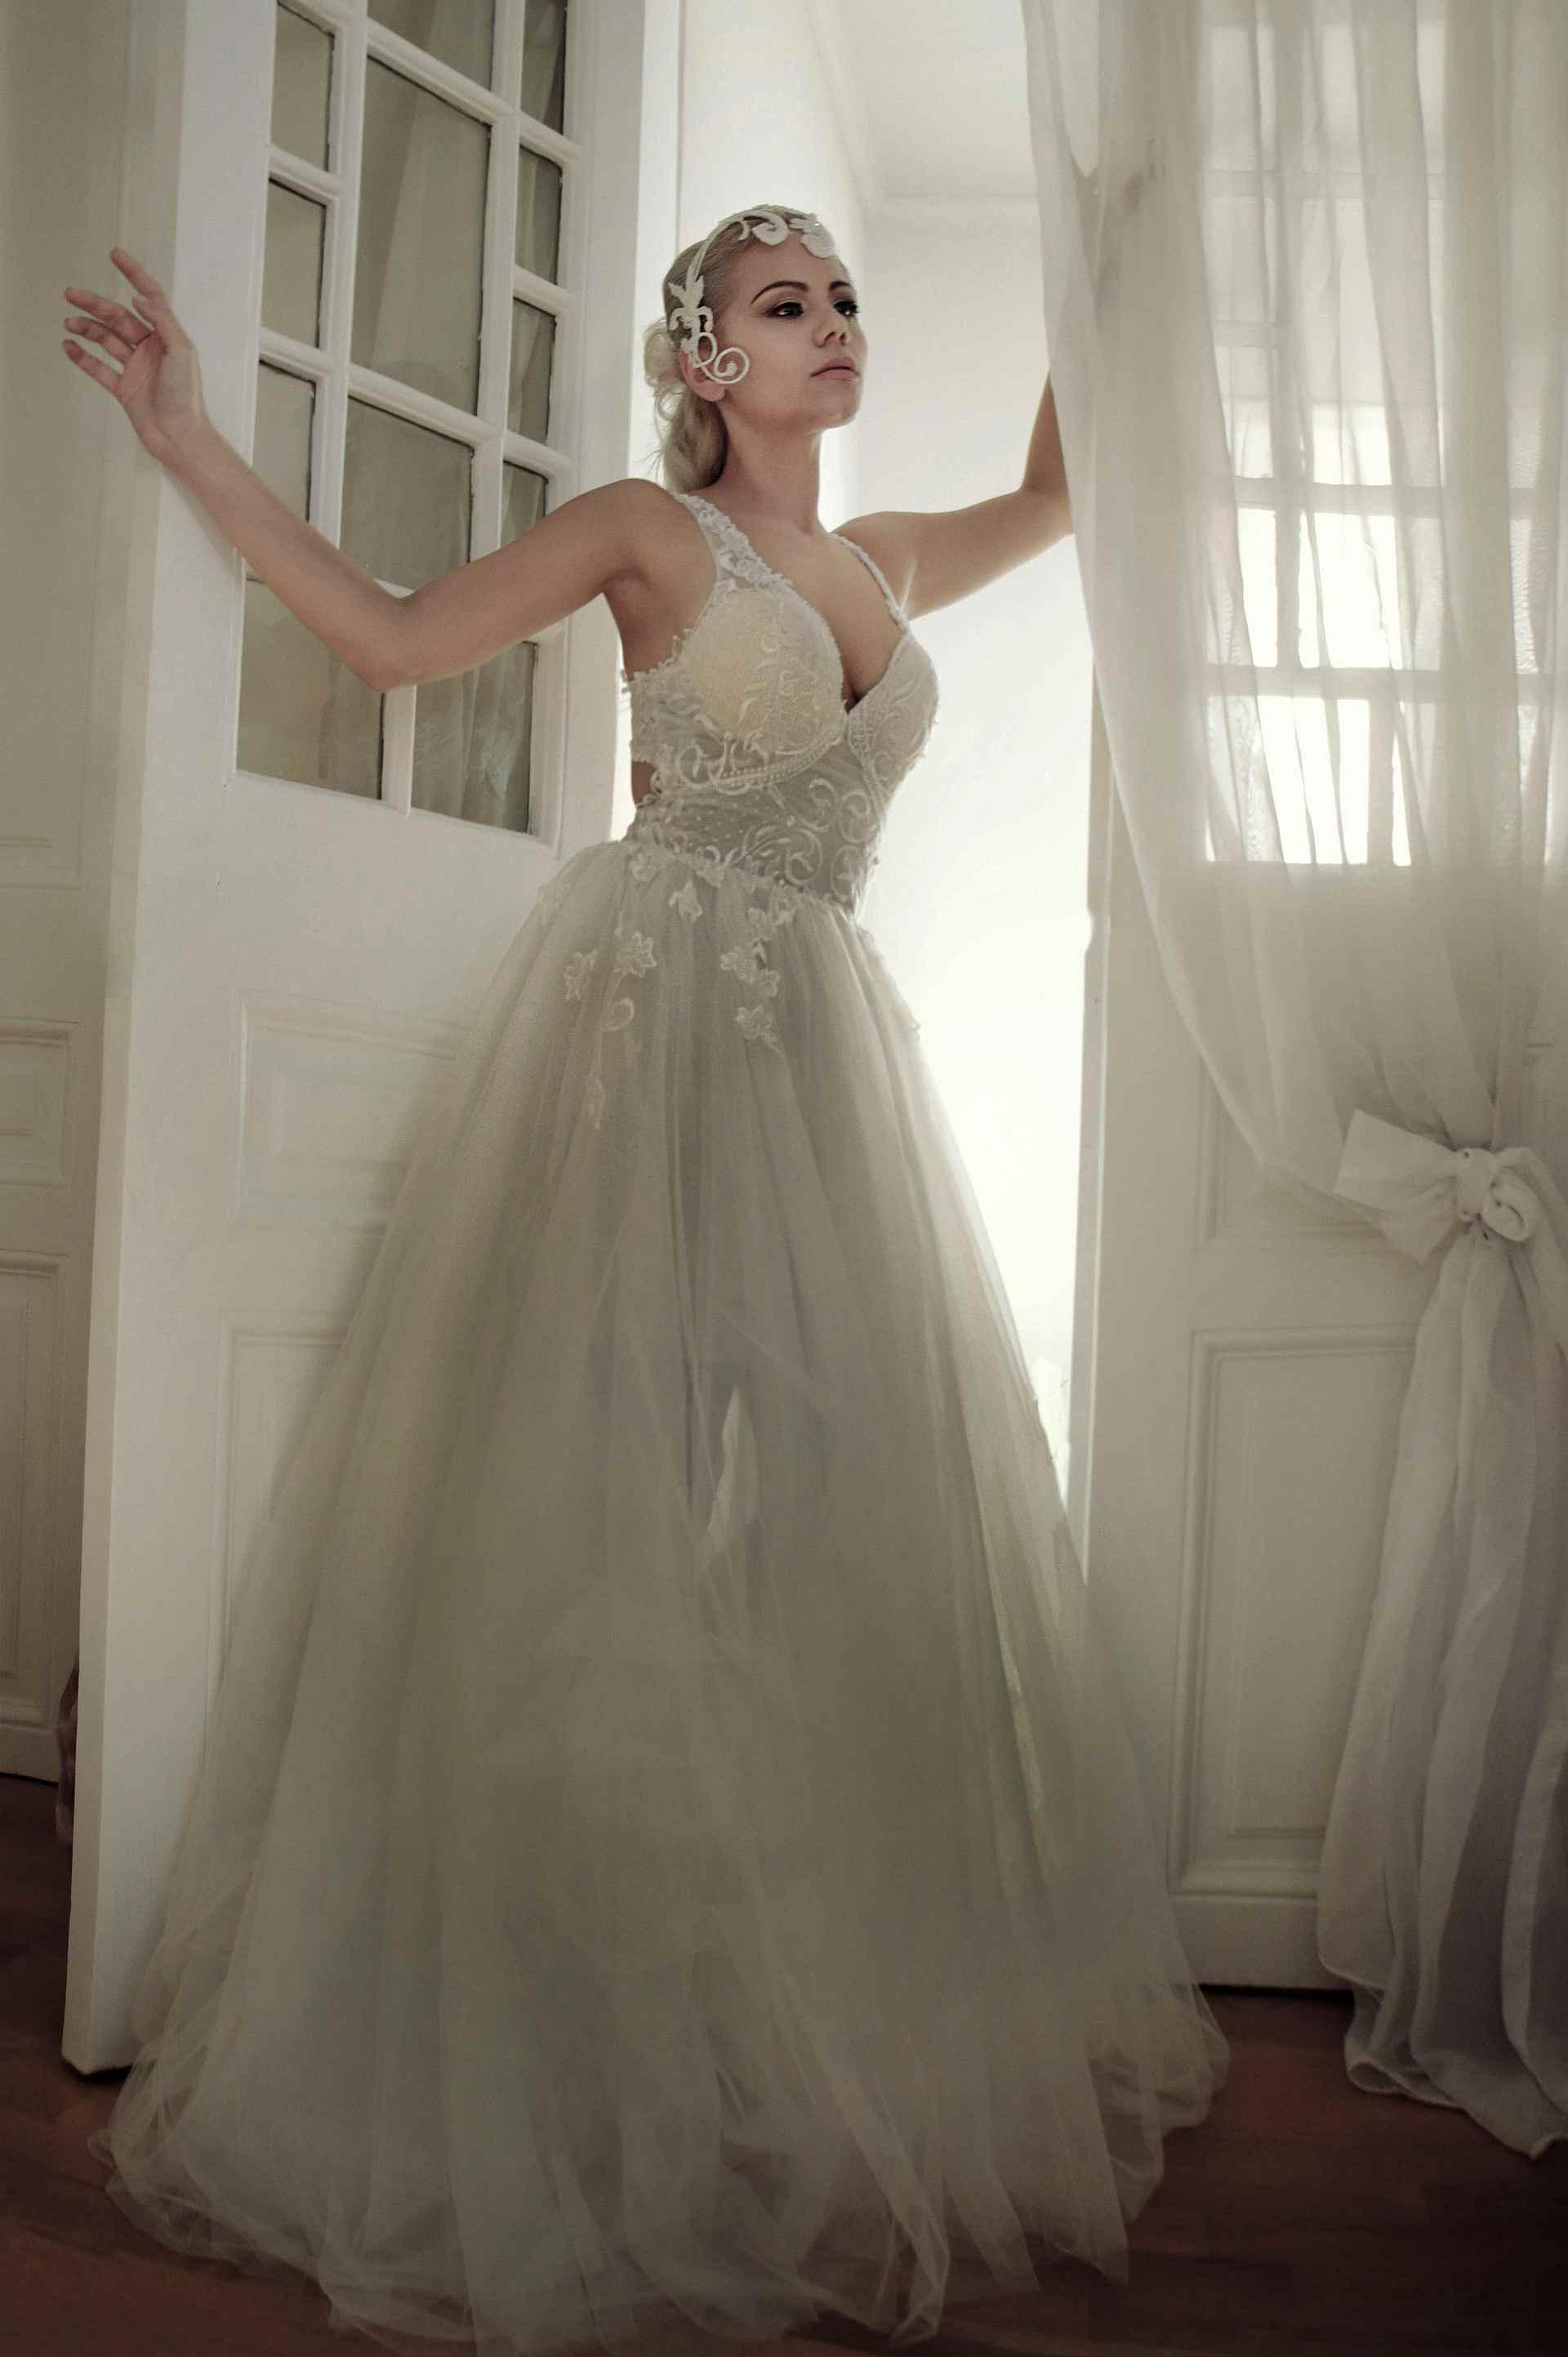 Νυφικό Princess ΗΛΕΚΤΡΑ Δαντέλα Λουλούδια Κέντημα Τούλι Λίλιαν Ξυδιά